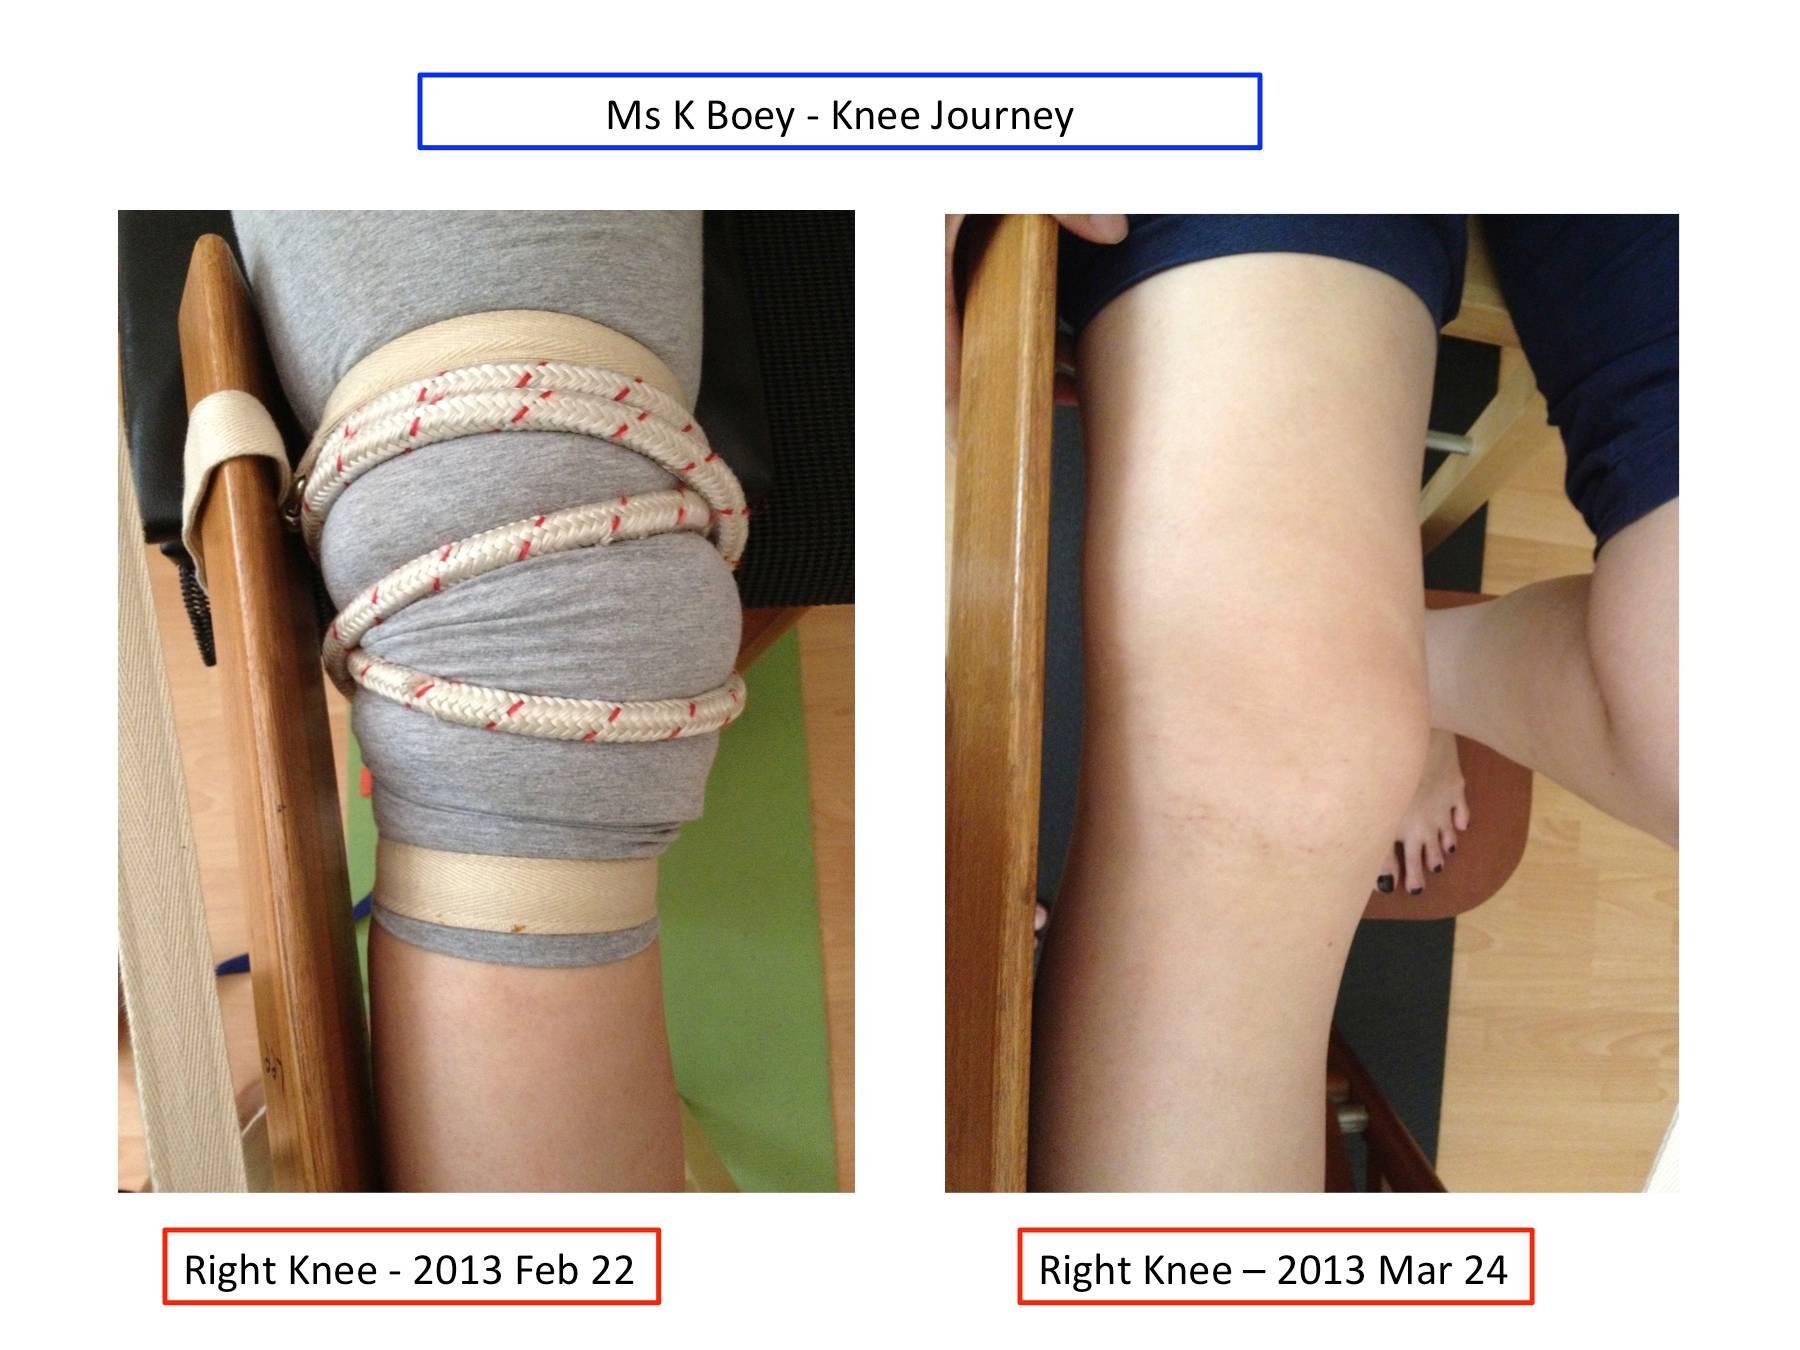 Right Knee Comparison